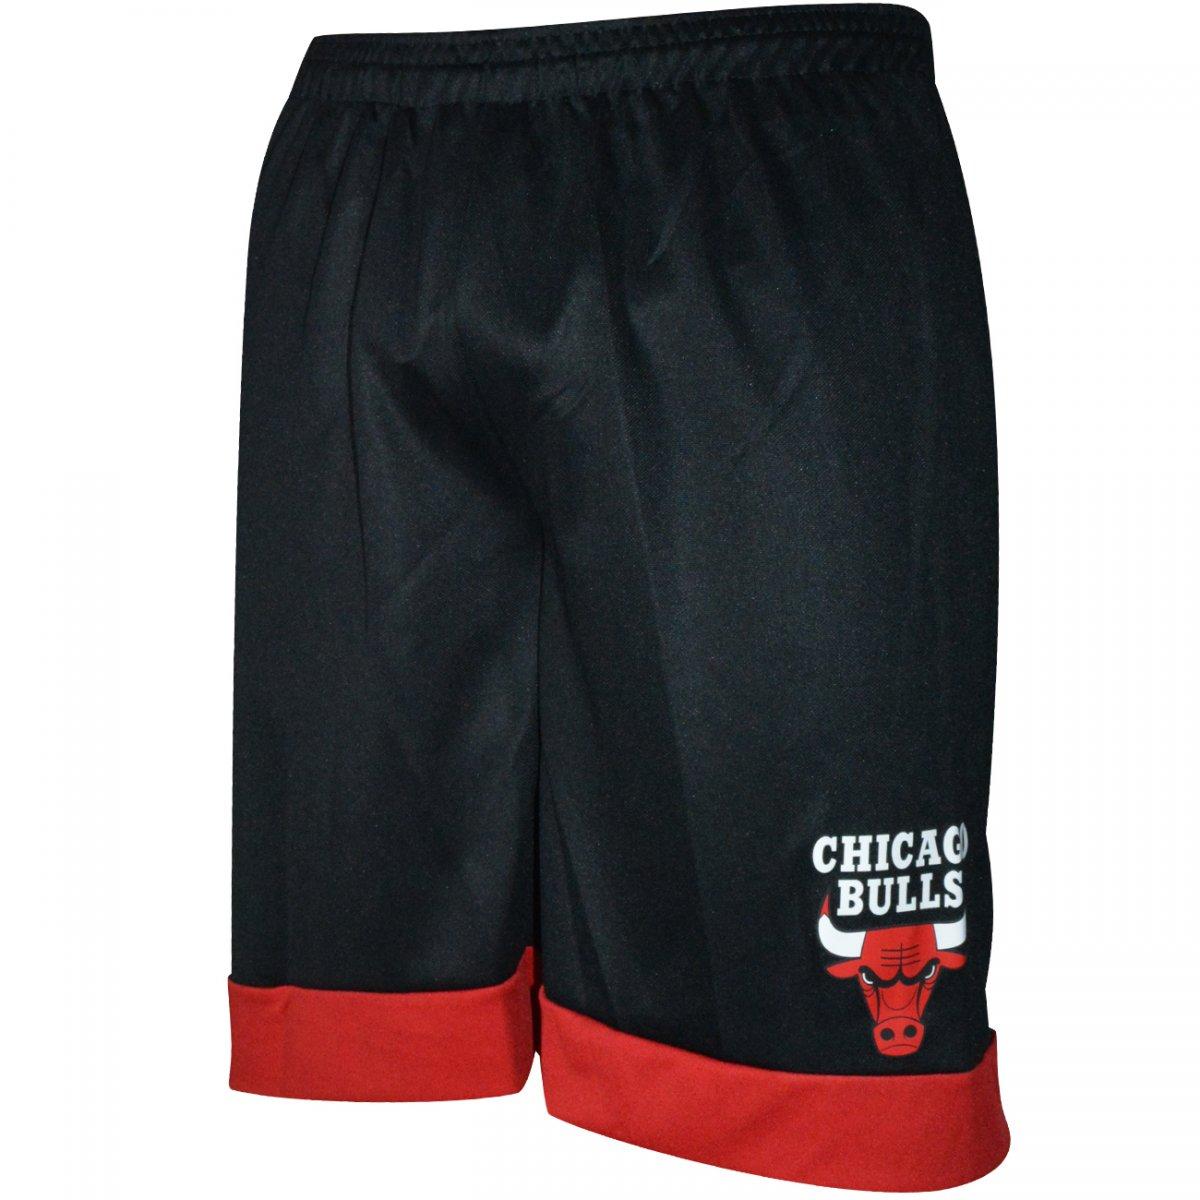 comprar calção do chicago bulls 97a8588233d34